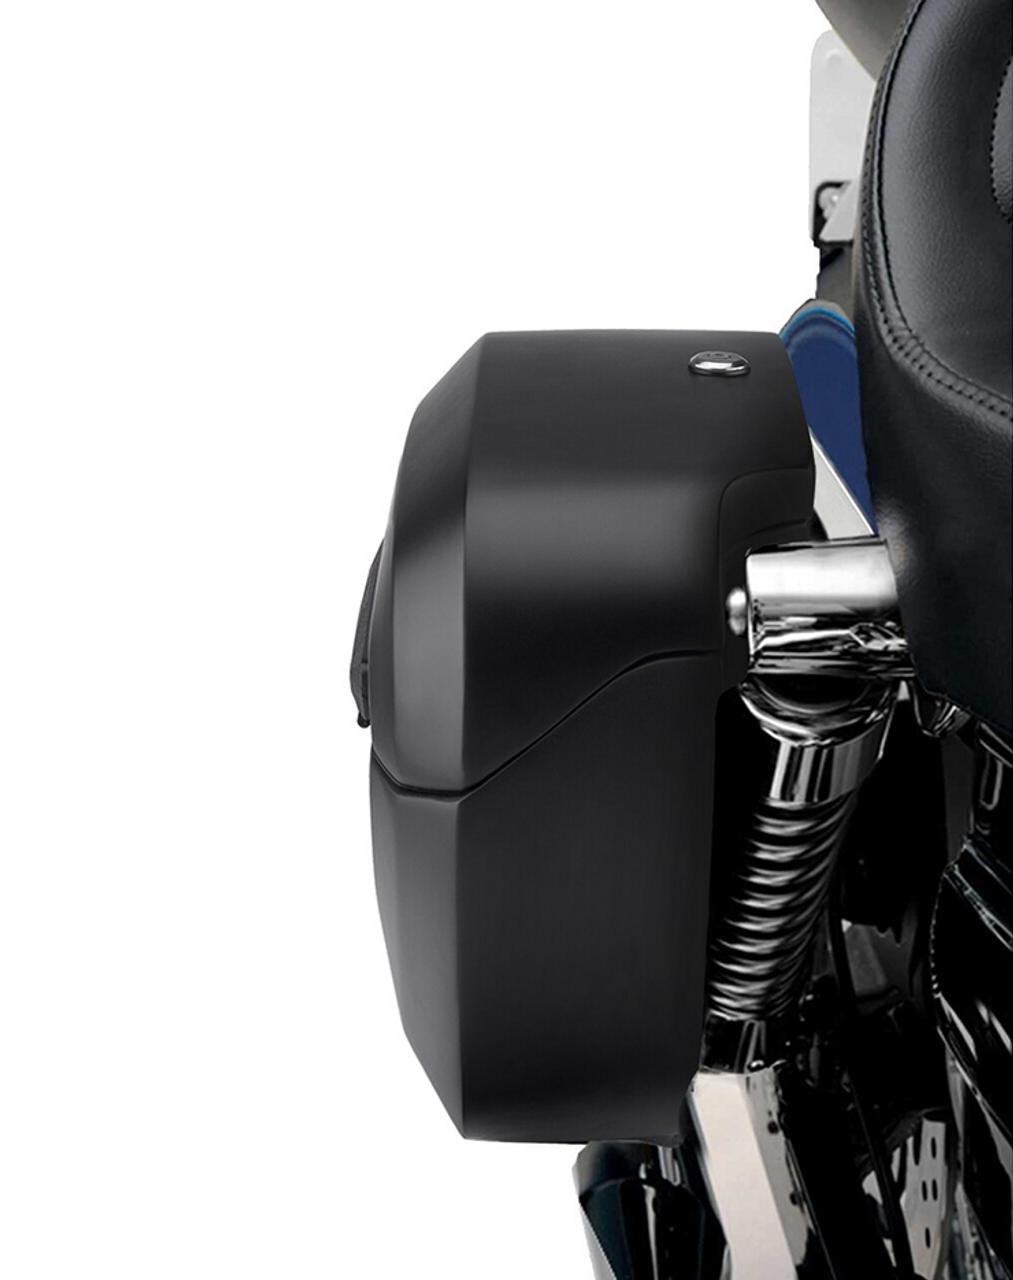 Viking Lamellar Shock Cutout Large Matte Motorcycle Hard Saddlebags For Honda VTX 1800 N Shock Cutout View